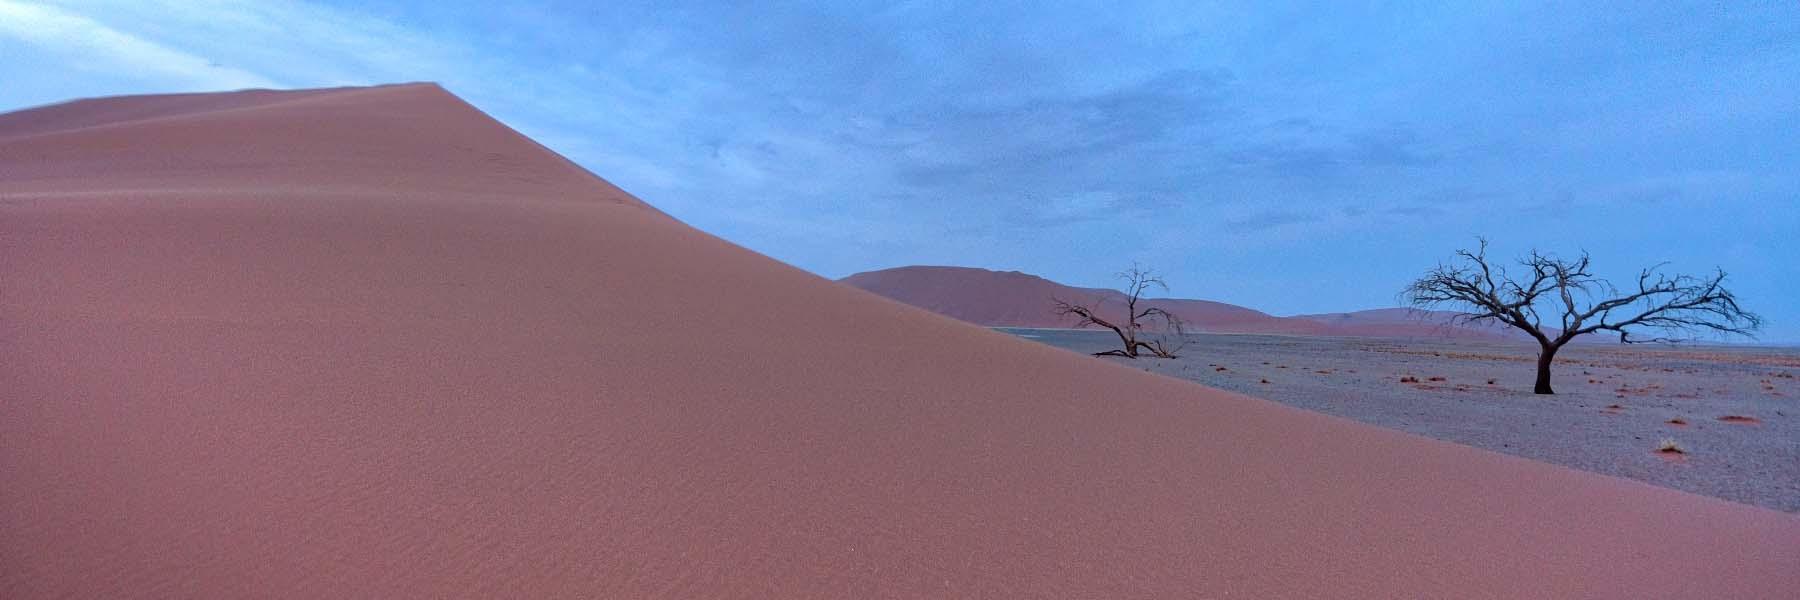 Travel to thar desert, kalahari desert, namib desert and sahara desert